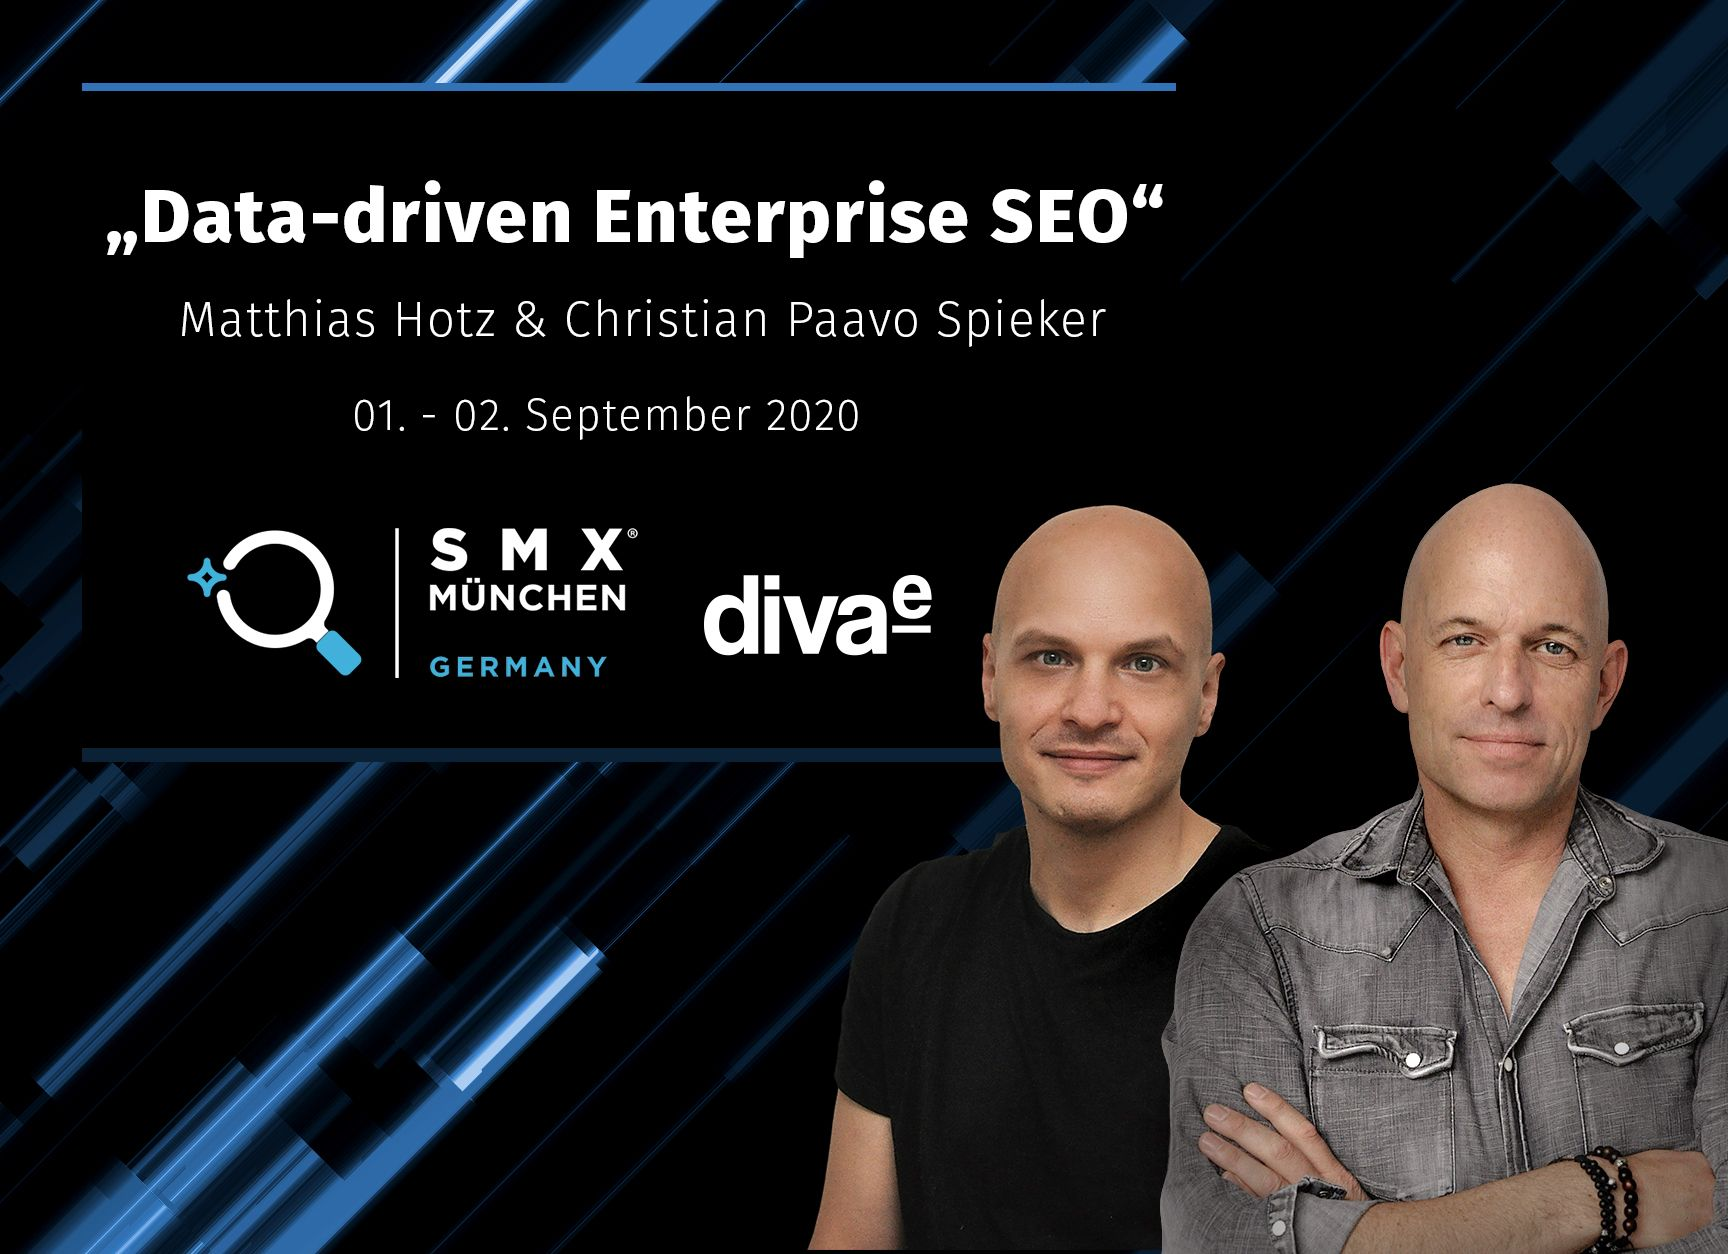 """SMX München: diva-e SEOs über """"Data-driven Enterprise SEO"""""""